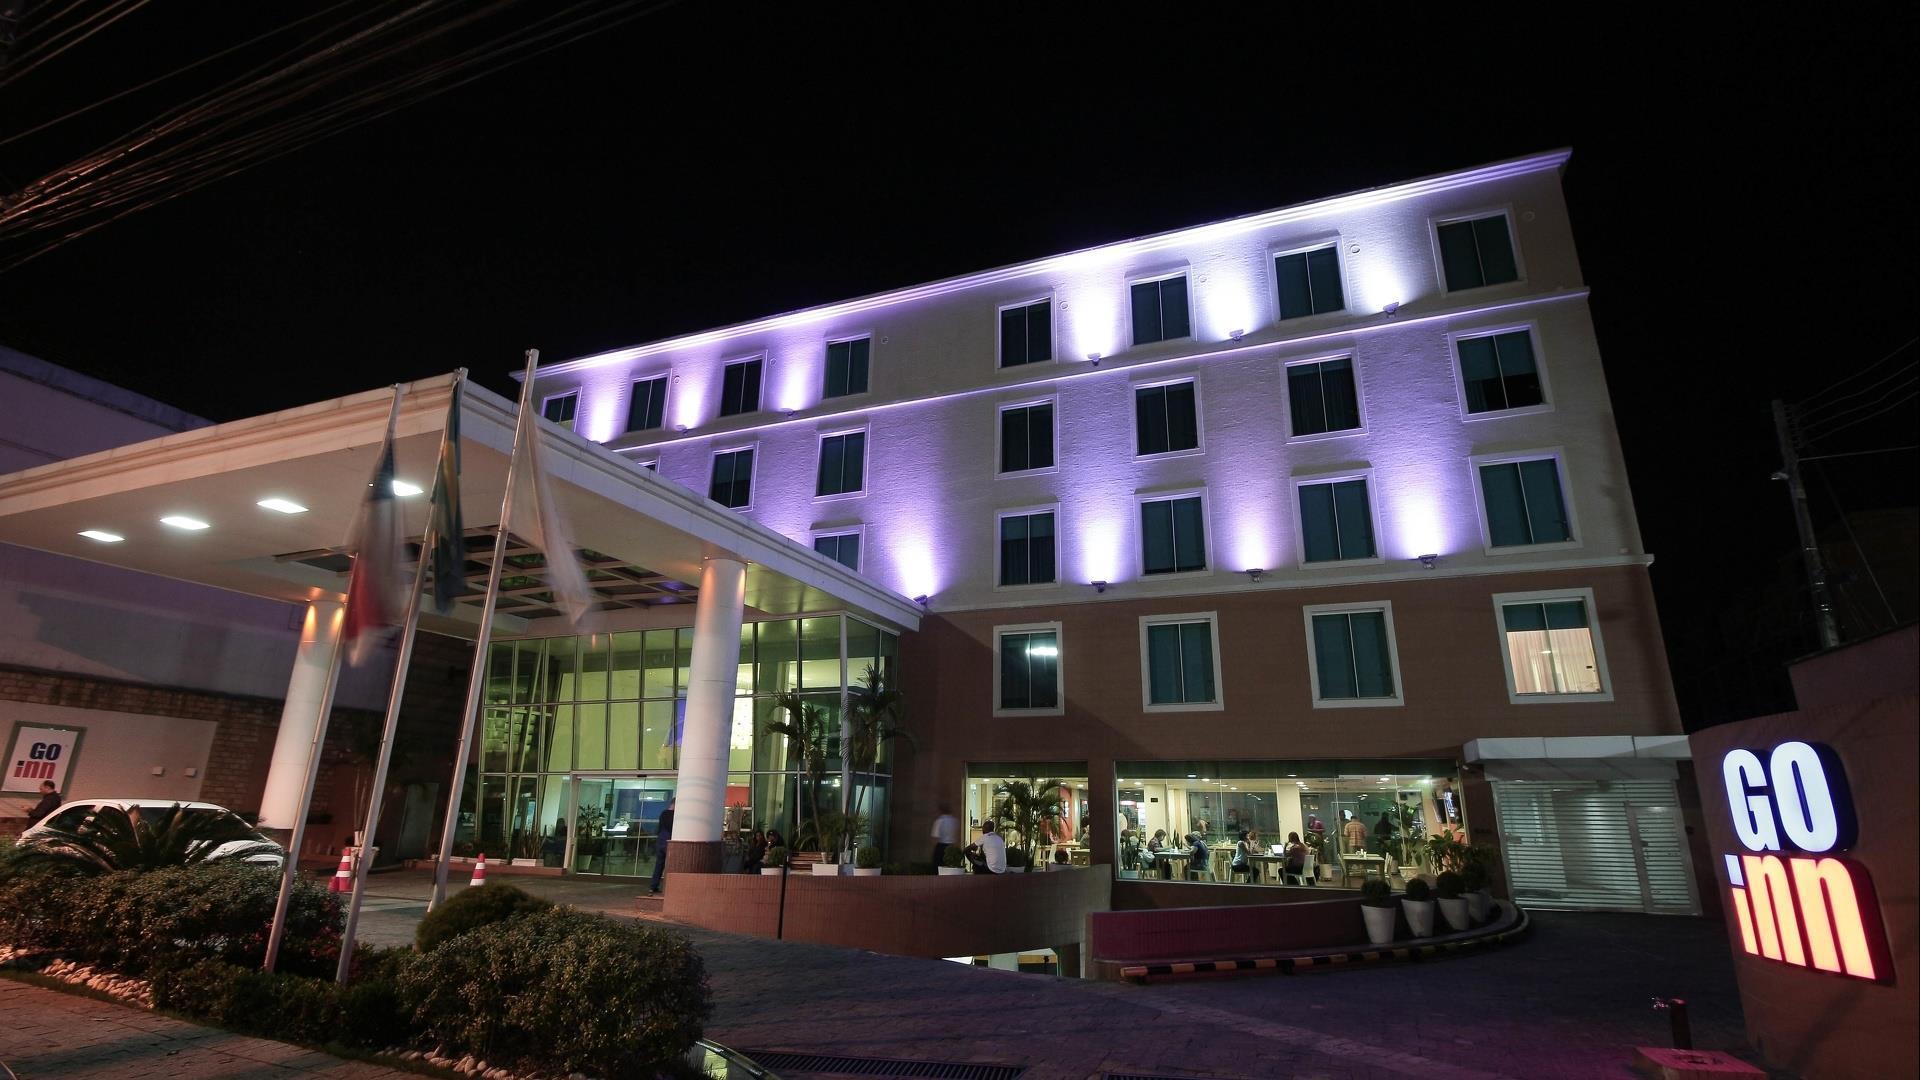 Brazil Manaus: Standard Hotel - Hotel Go Inn